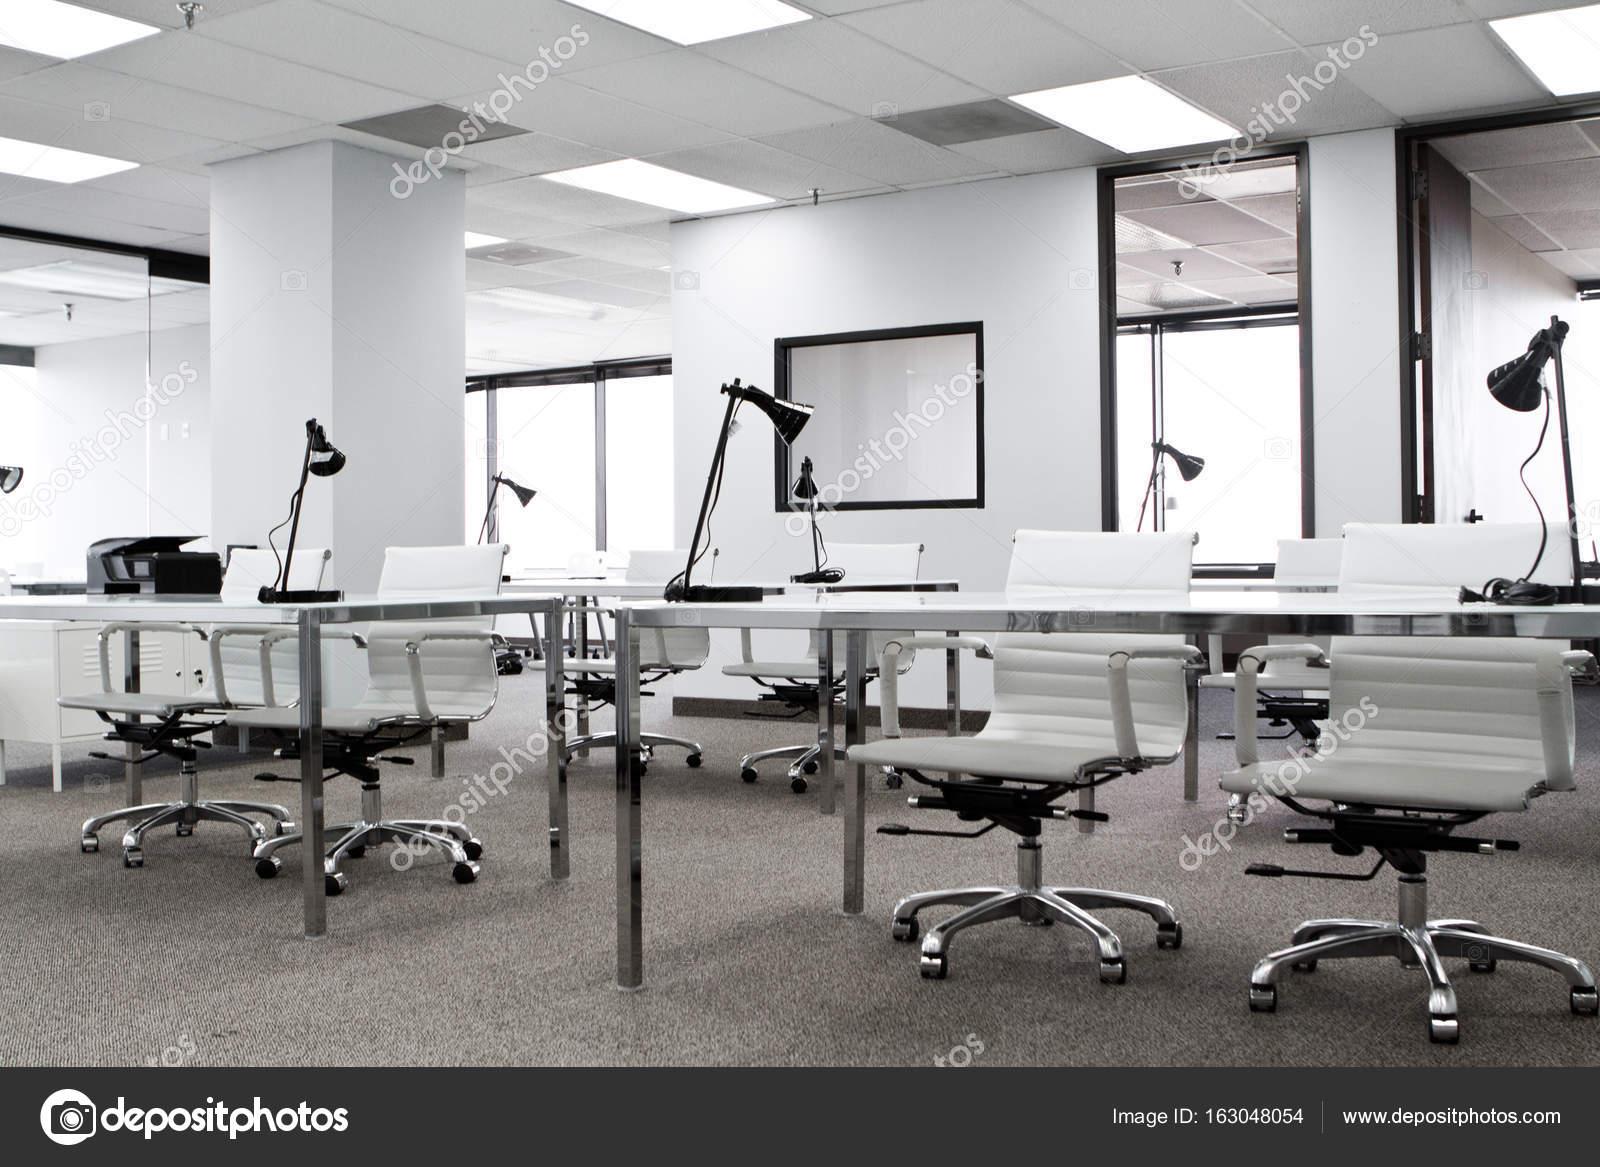 Moderne Büro-Raum mit weißen Wänden — Stockfoto © pixelheadphoto ...